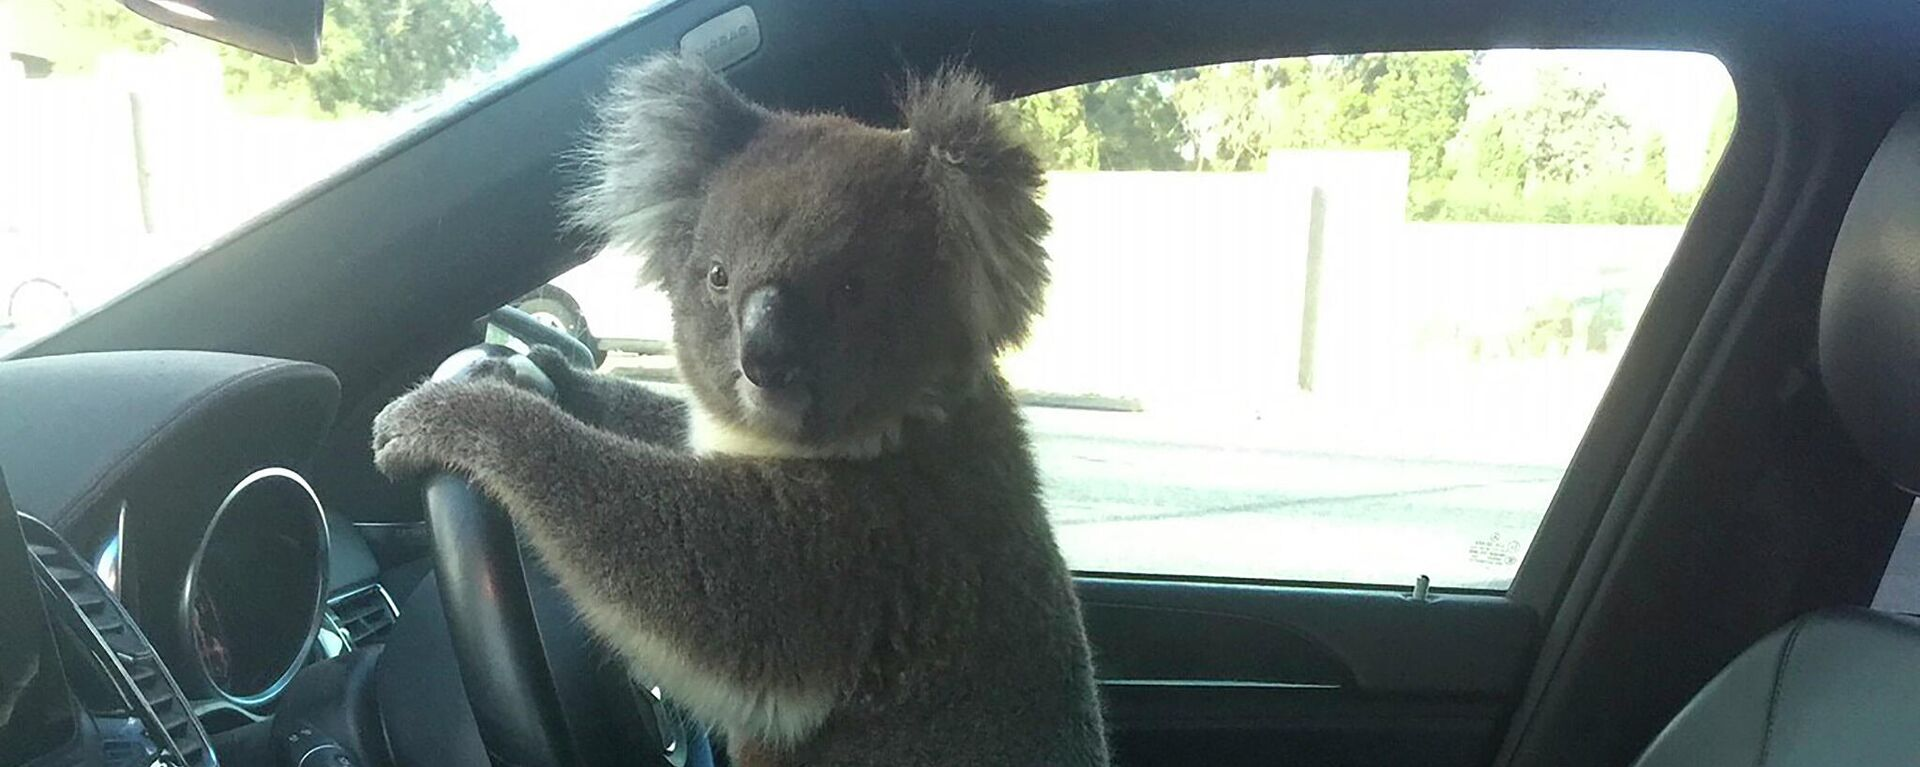 Koala am Steuer - SNA, 1920, 09.02.2021